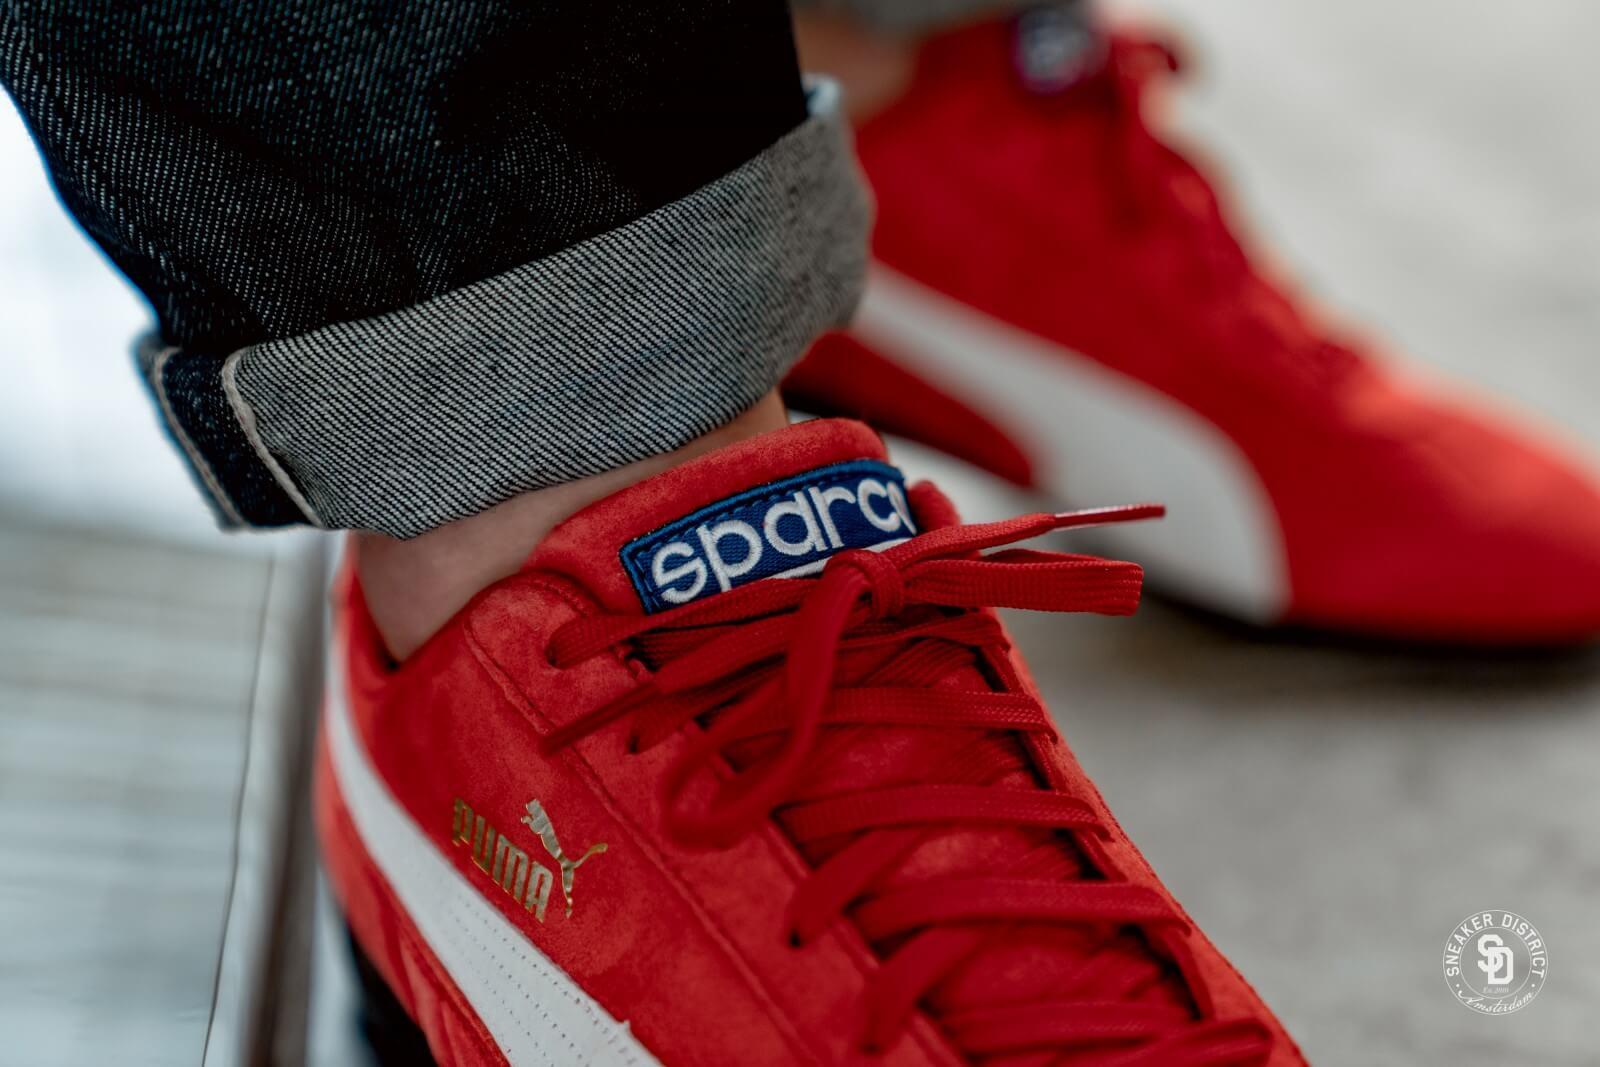 Puma Speedcat OG Sparco Ribbon Red/Puma White - 339844-05